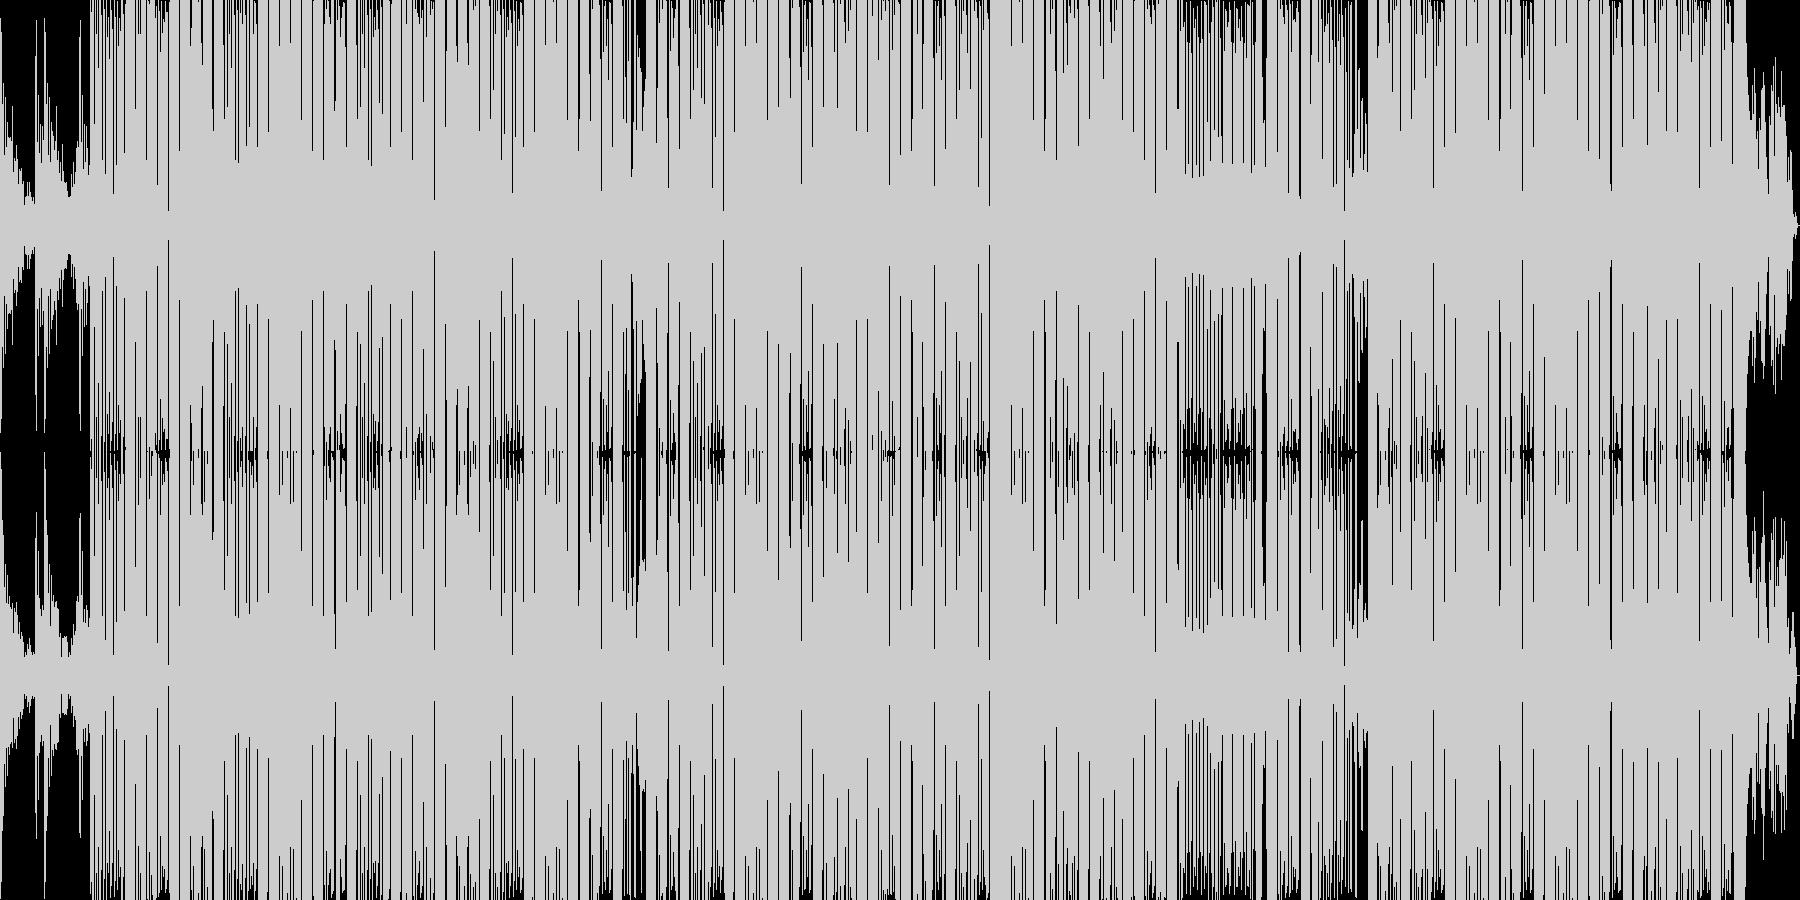 ジャズ風のローズピアノと硬派なサウンドの未再生の波形